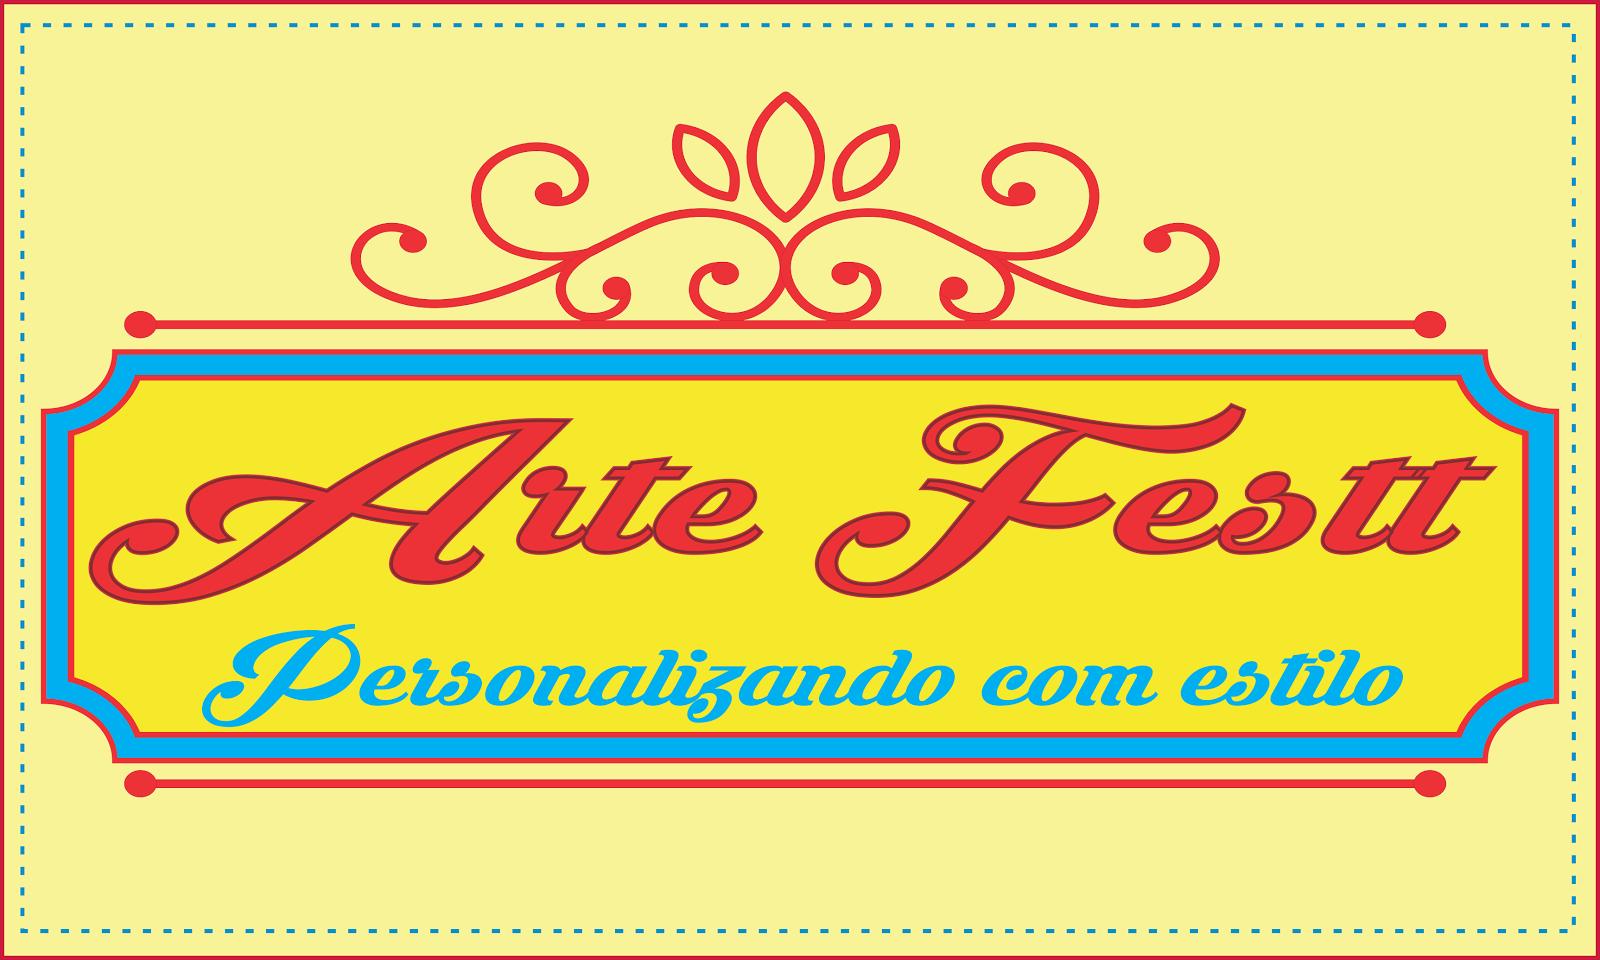 FESTAS E BRINDES PERSONALIZADOS